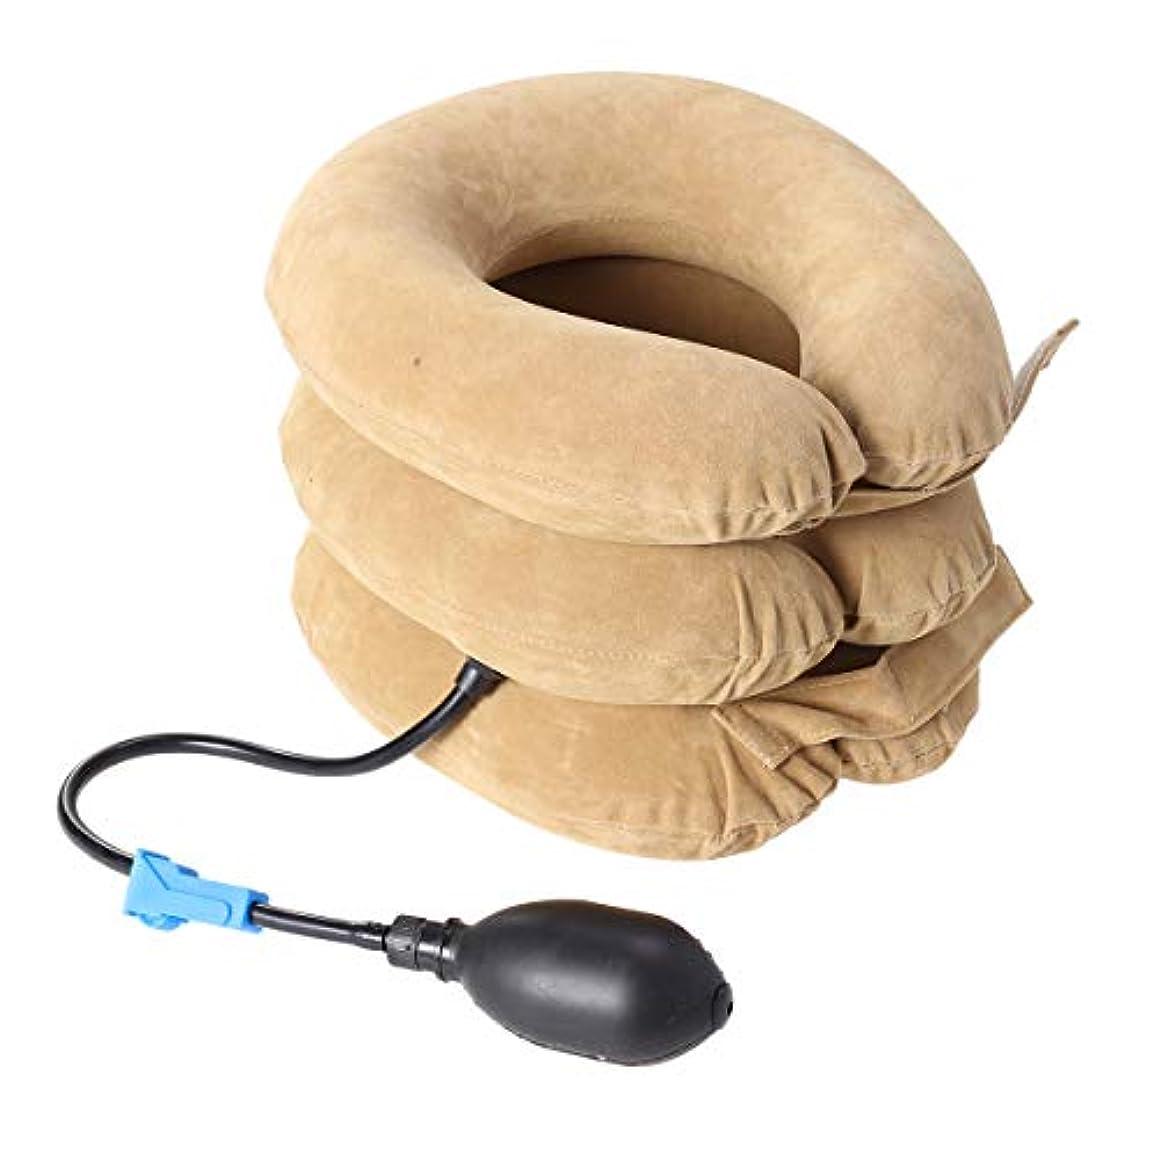 機会電報加害者ポンプ首のマッサージャーが付いている膨脹可能な頚部首の牽引つばの三層の装具の椎骨サポートベルト